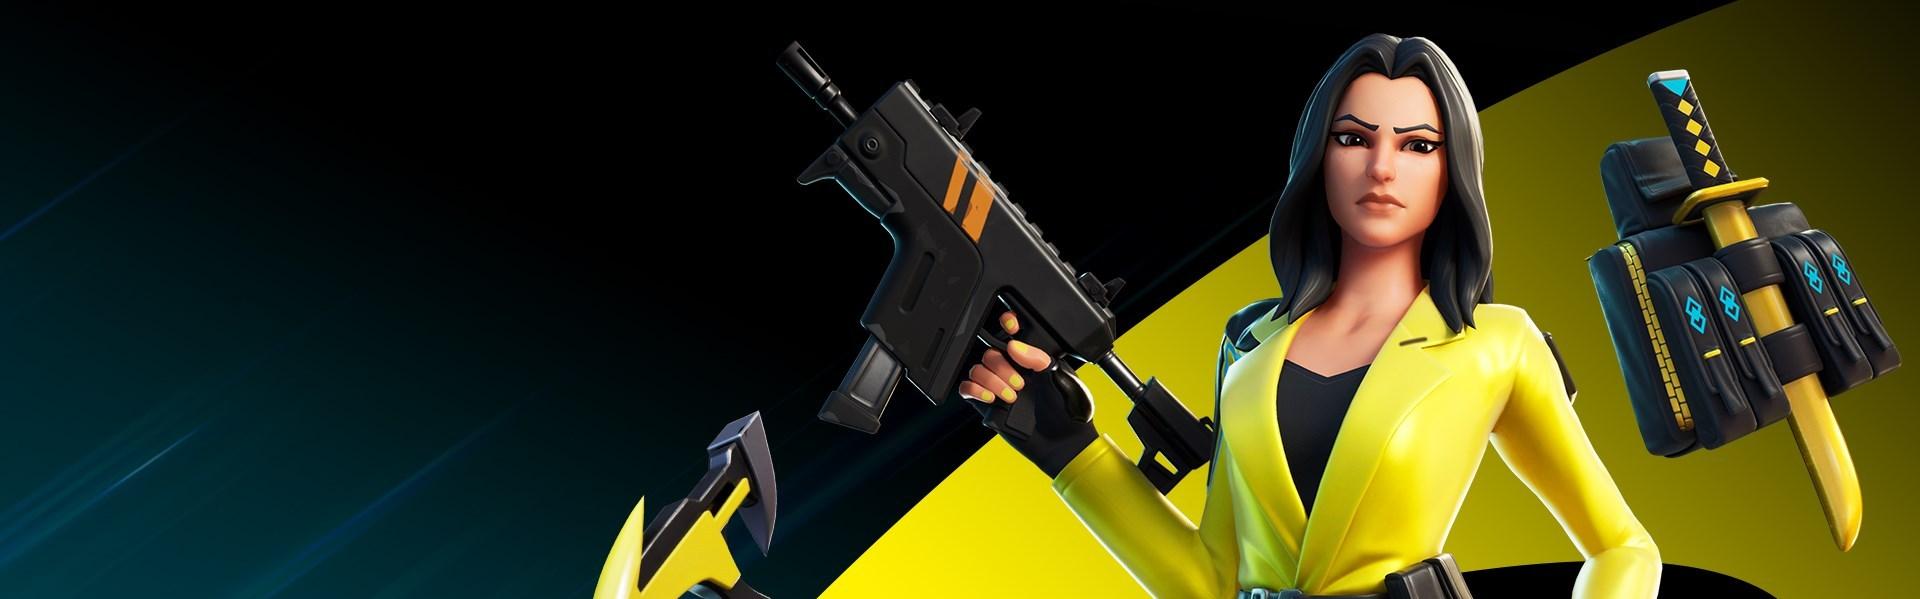 Fortnite - The Yellowjacket Pack + 600 V-Bucks (Xbox One) Xbox Live Key EUROPE